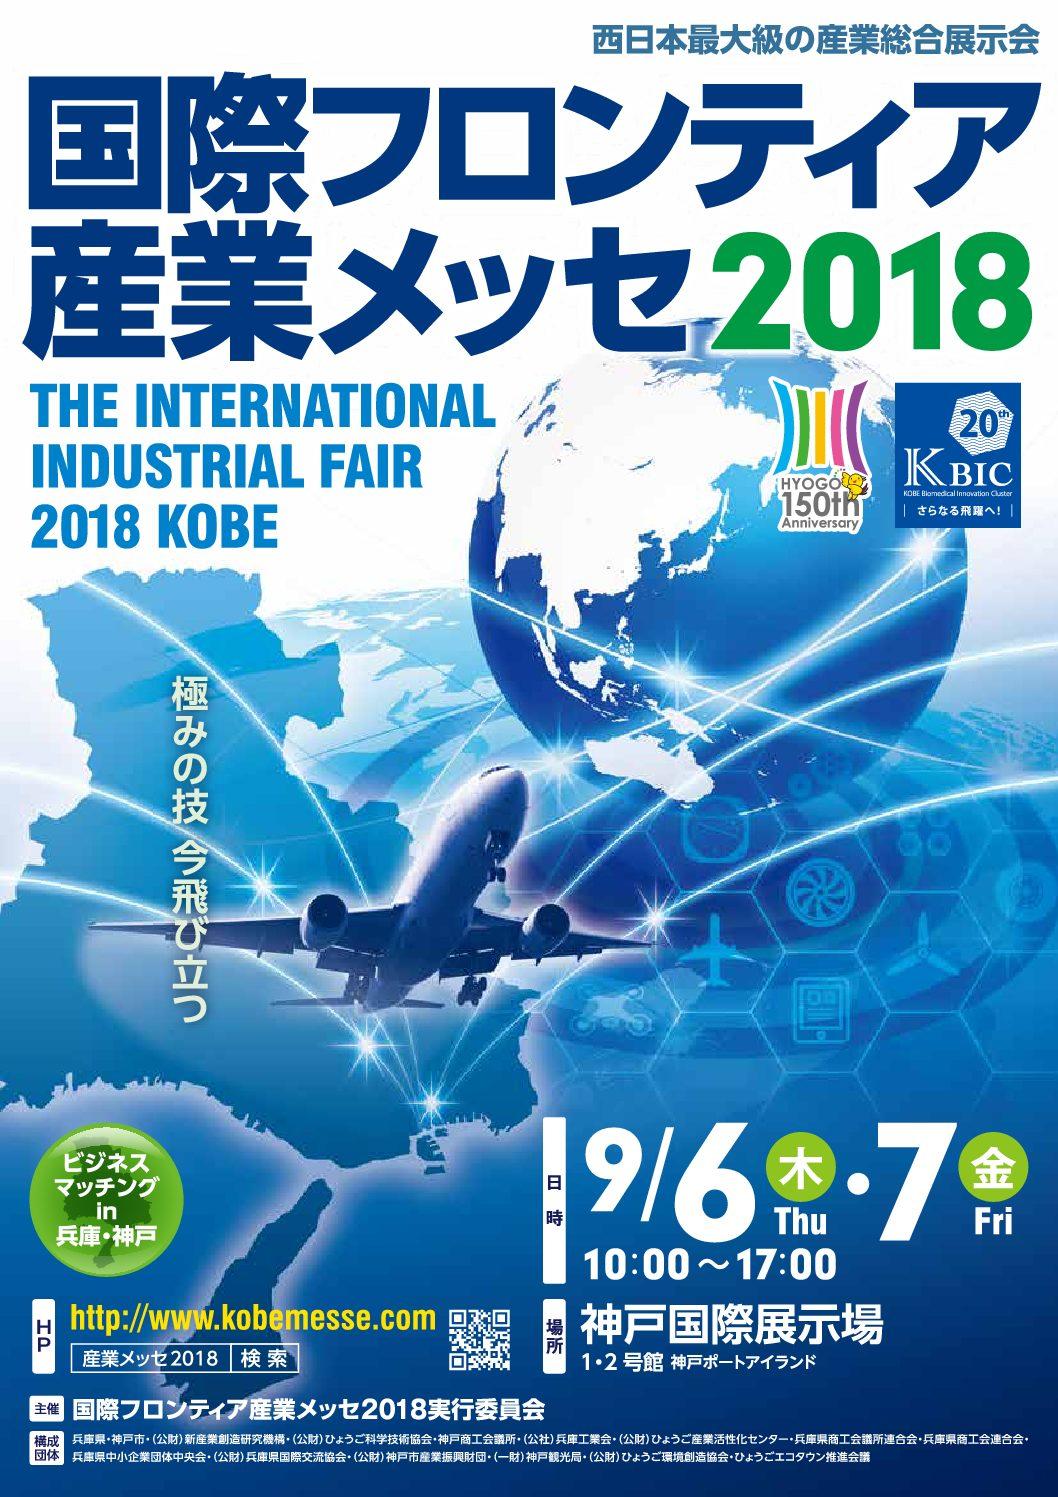 国際フロンティア産業メッセ2018 に参加しました。